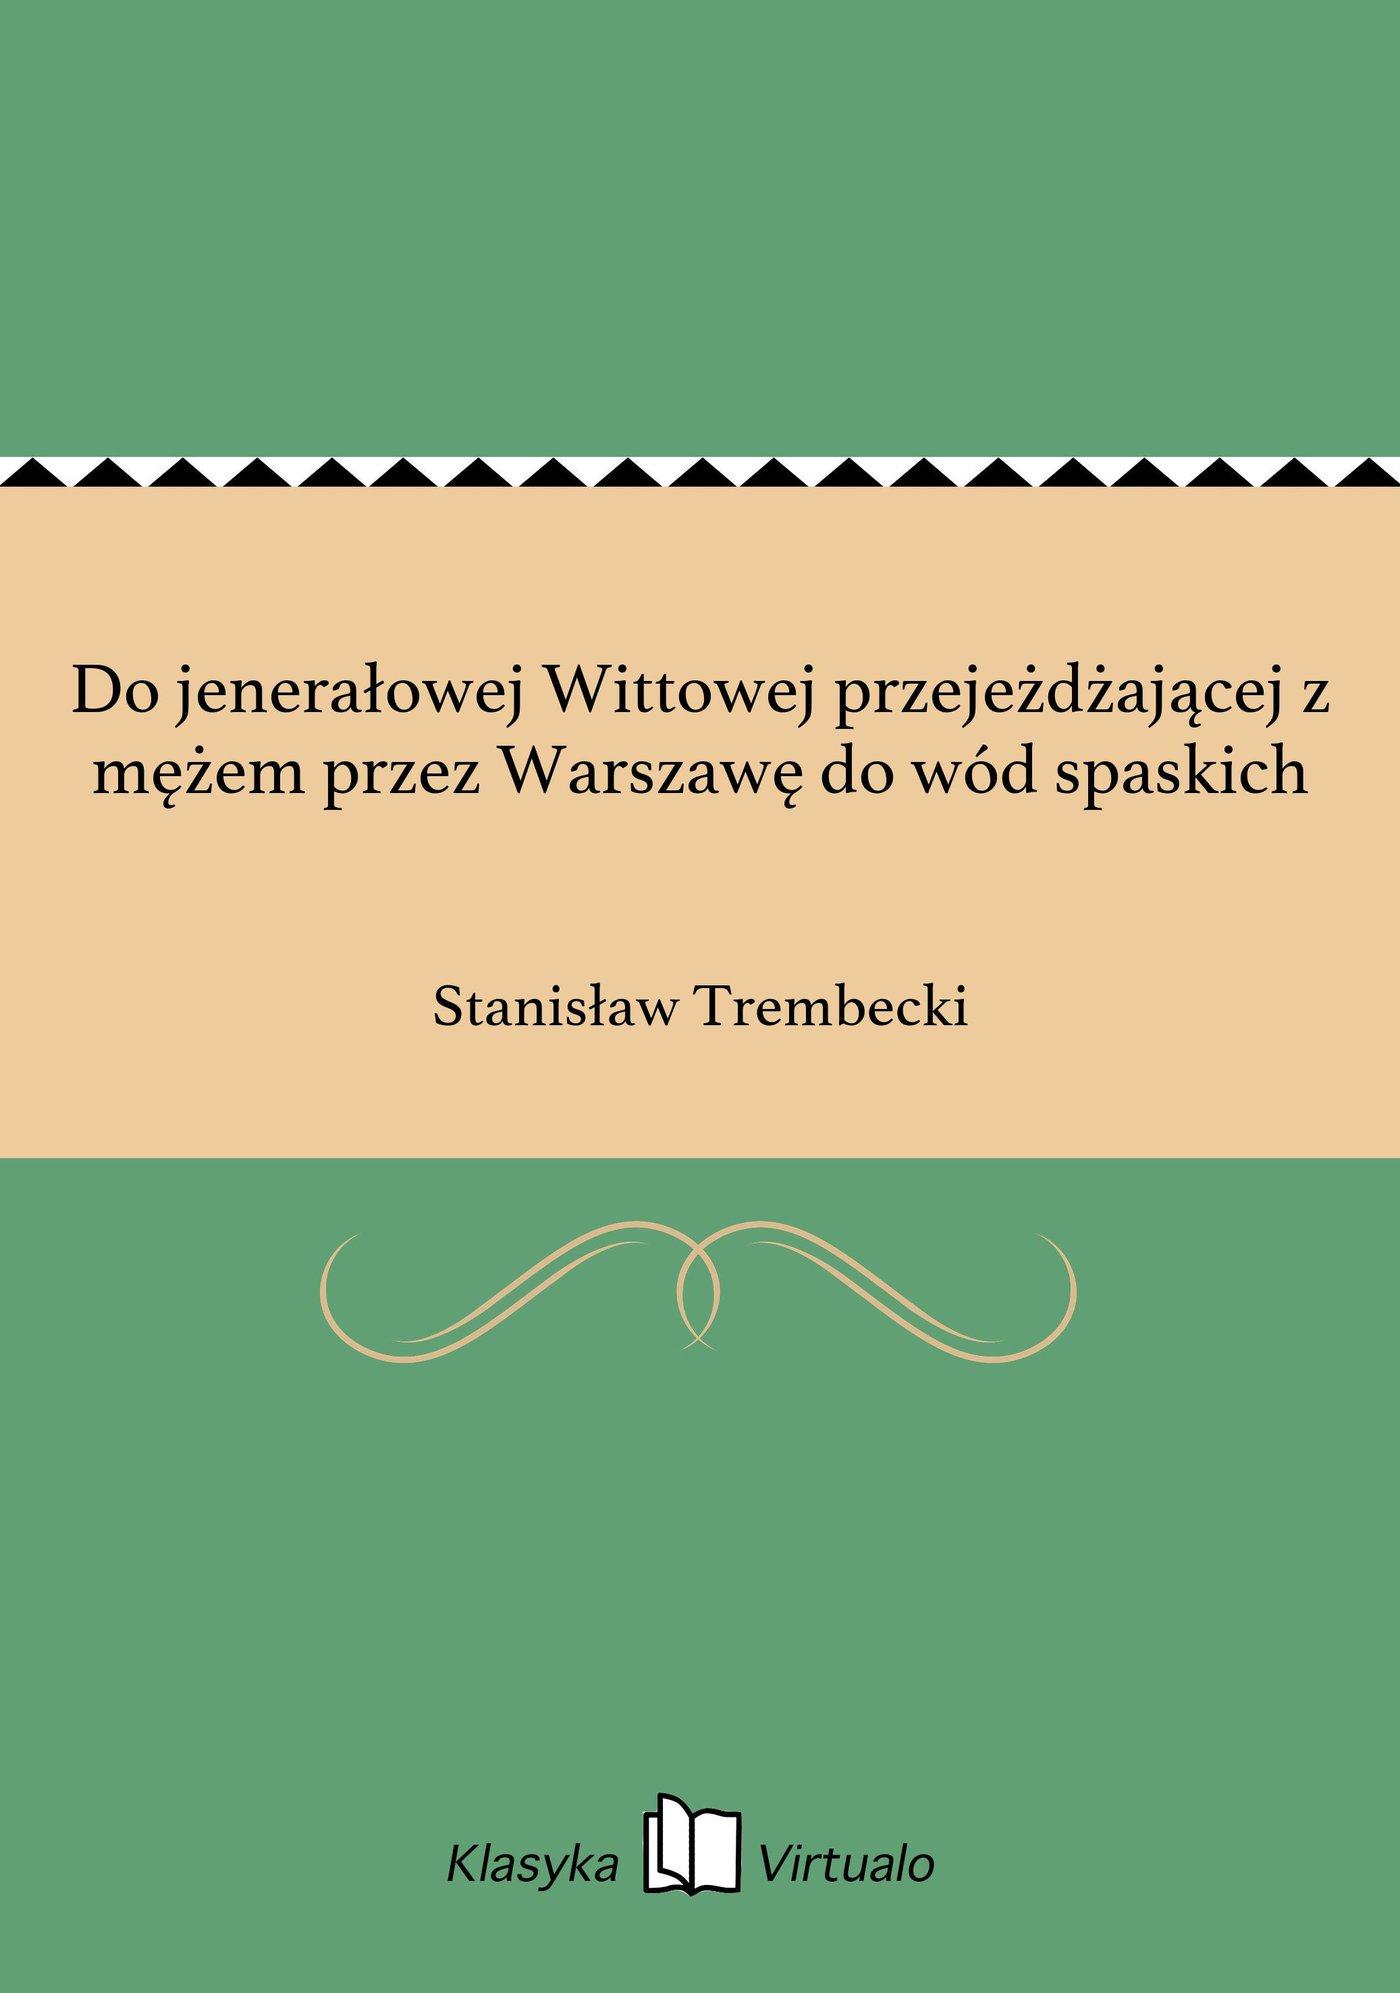 Do jenerałowej Wittowej przejeżdżającej z mężem przez Warszawę do wód spaskich - Ebook (Książka EPUB) do pobrania w formacie EPUB